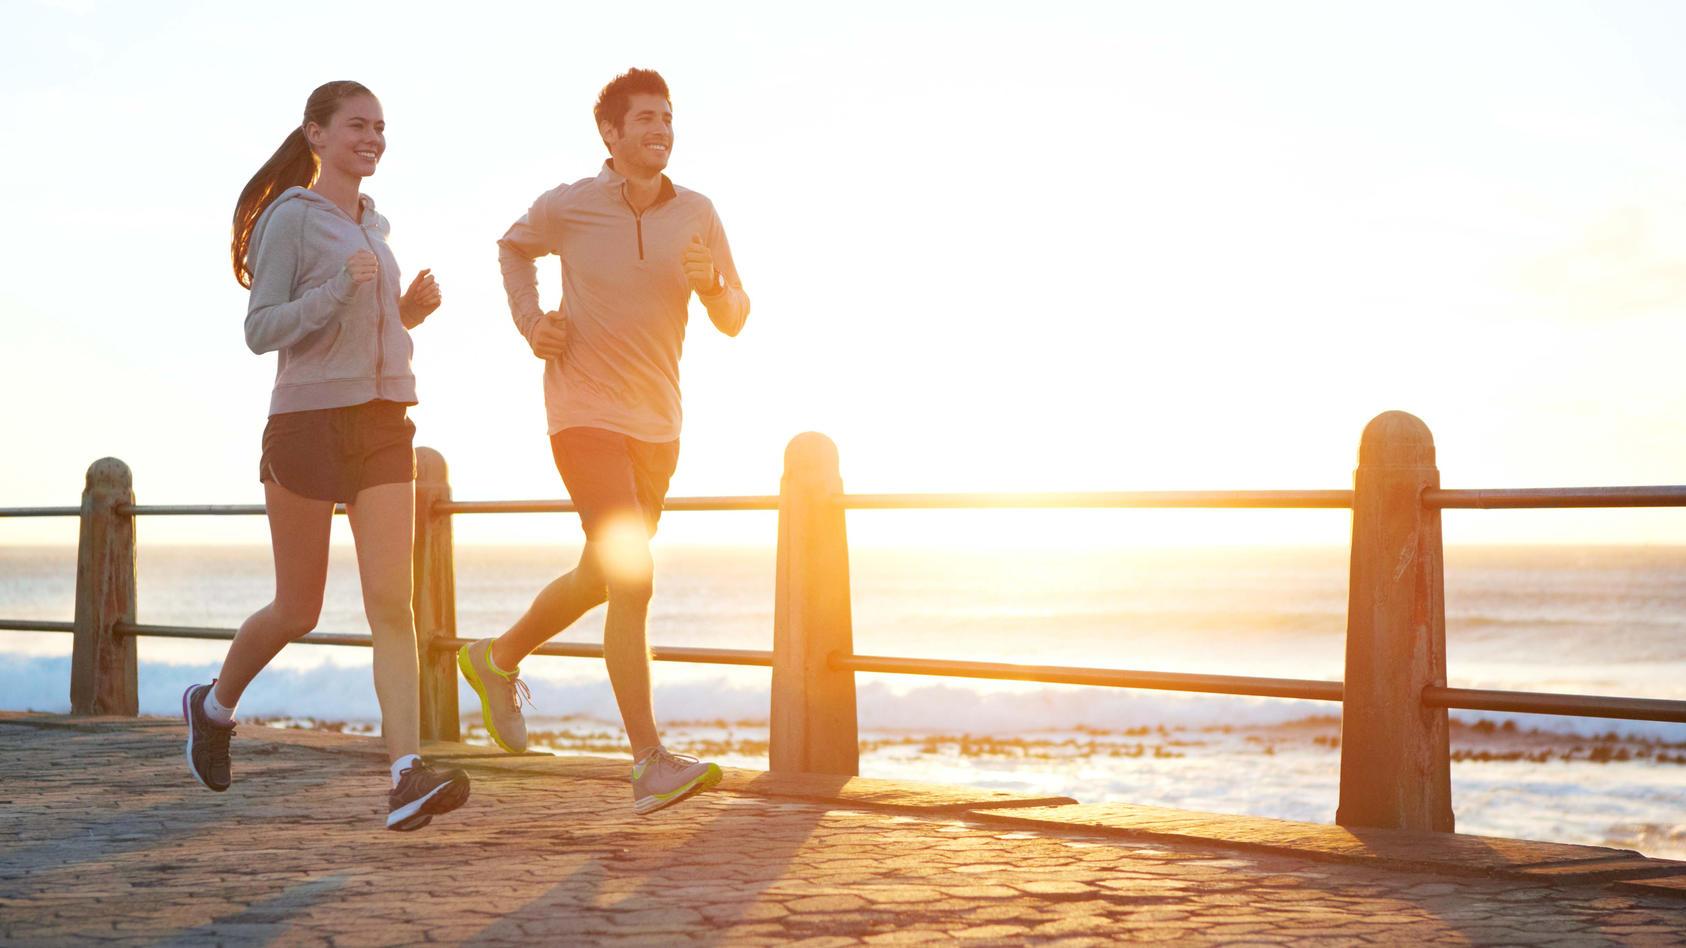 Joggen, Schwimmen & Co.: Mit diesen Tipps für leichtes Ausdauertraining sind Sie im Handumdrehen konditionell besser in Form